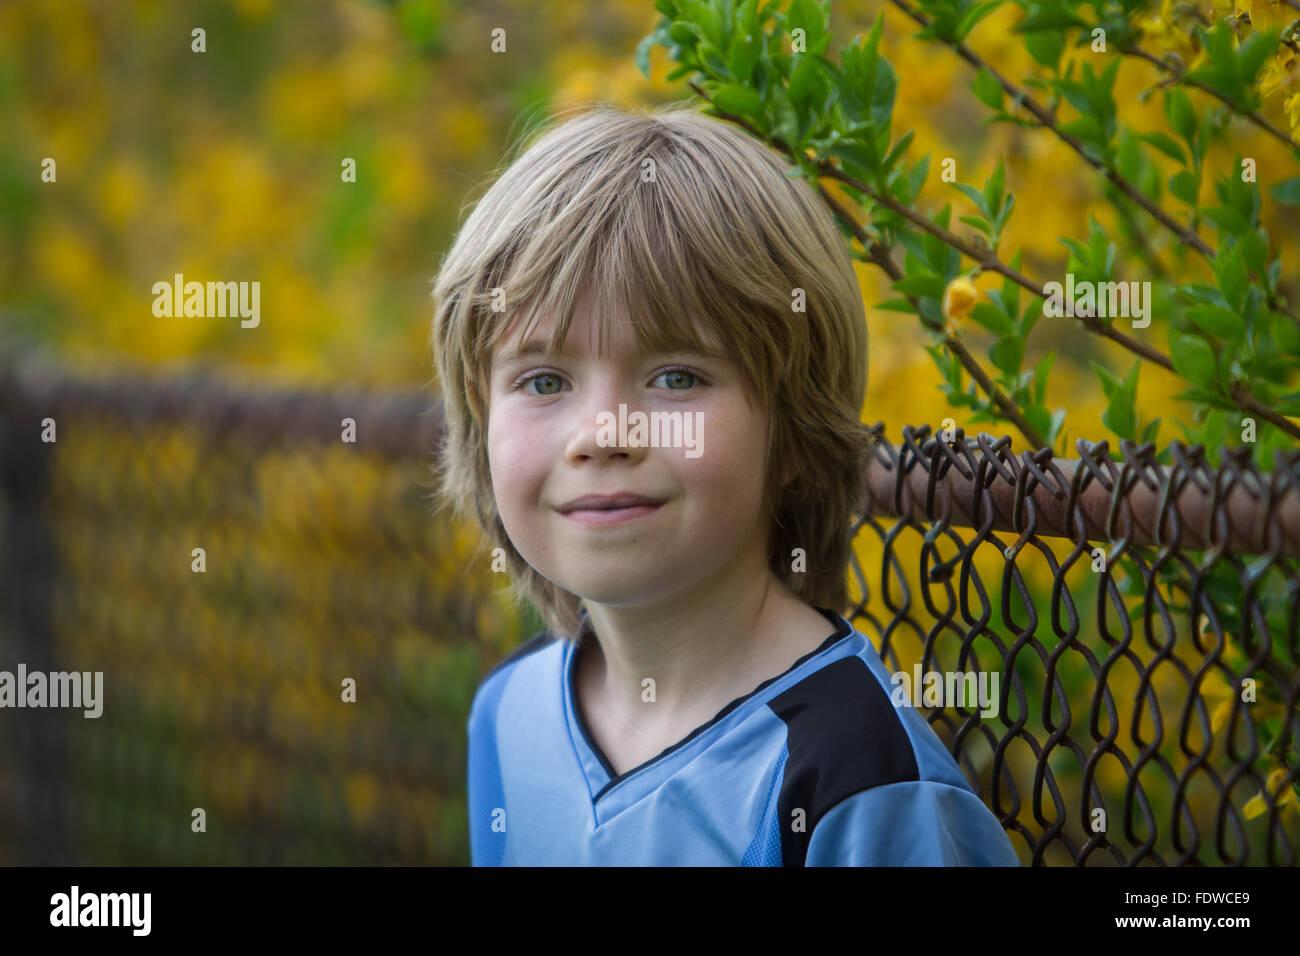 Portrait eines lächelnden 9-jährigen Jungen im freien Stockbild